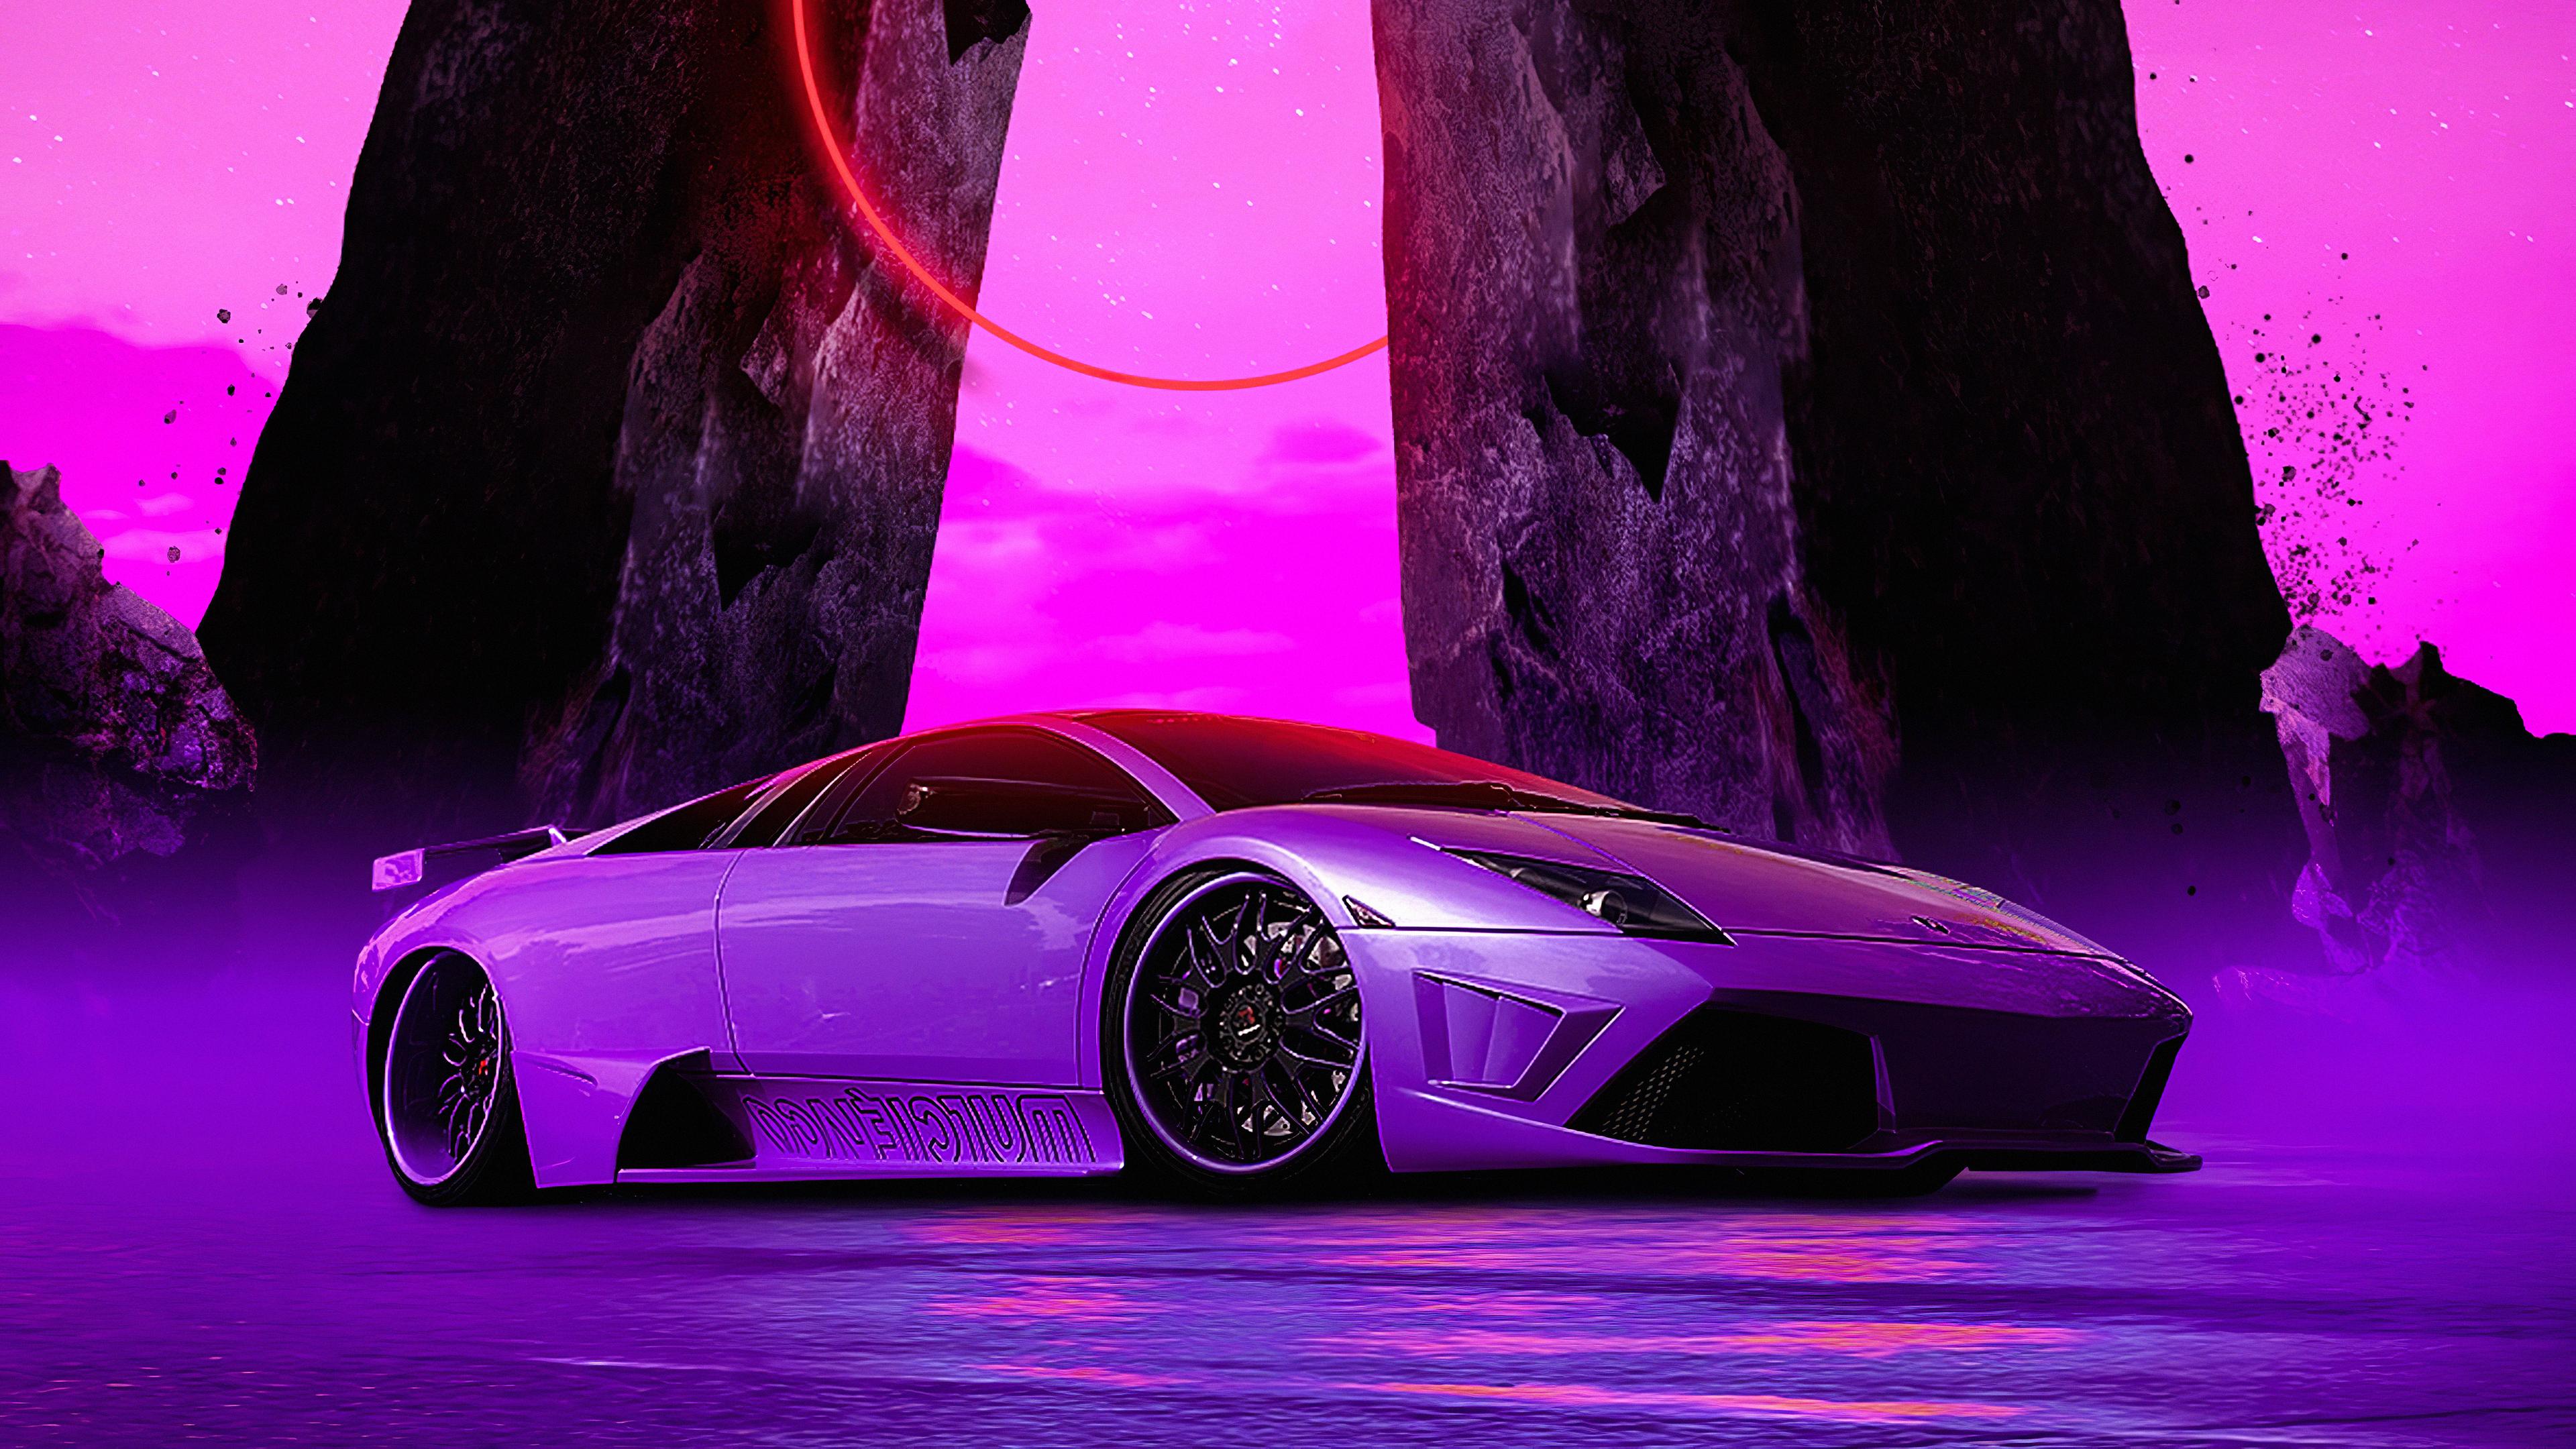 3840x2160 Space Lamborghini 4k 4k HD 4k Wallpapers, Images ...